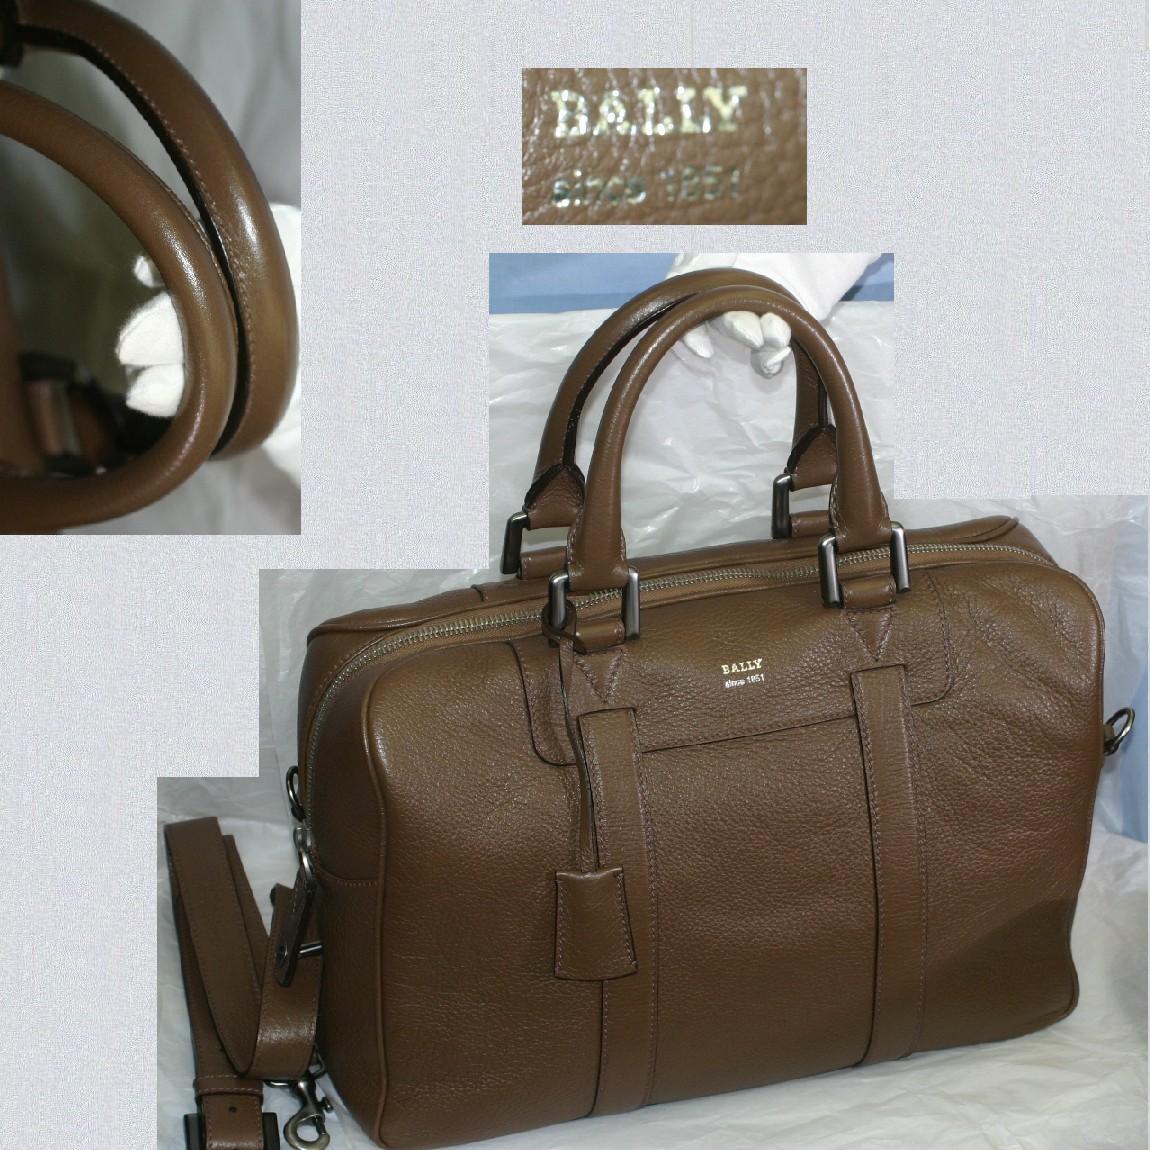 【中古】本物美品BALLYバリー取外し可能ショルダーストラップつきビジネスバッグ兼ボストンバッグブラウン色ボコボコした革